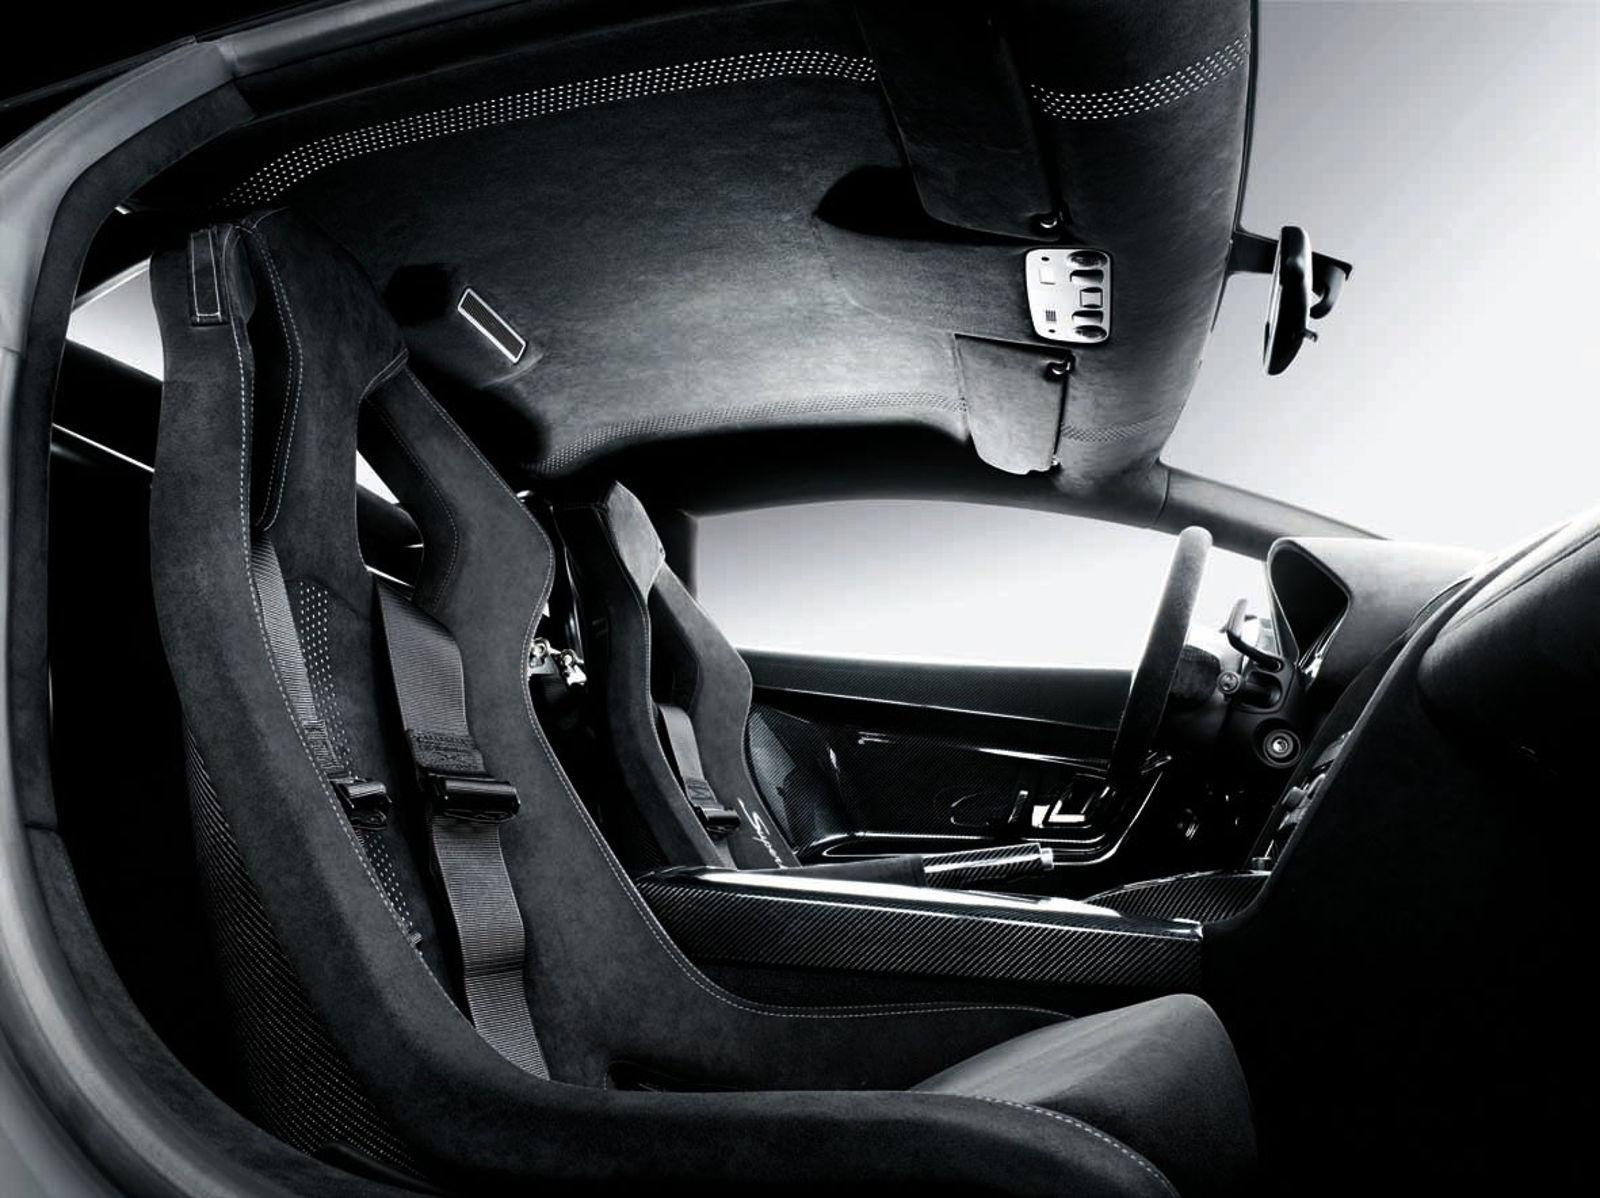 Lamborghini Gallardo Superleggera - Innenraum